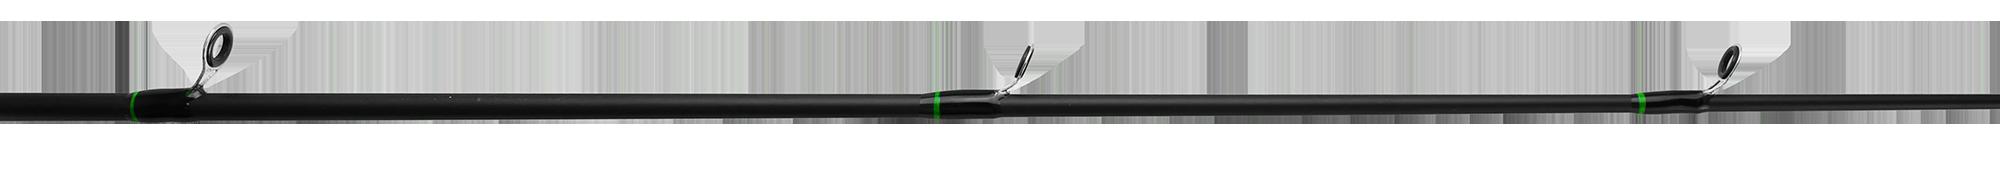 Vara Para Carretilha Albatroz Comander Carbon Solid C Vl 5 6 (1,68m) 10-20Lbs - C561 - Inteiriça  - Life Pesca - Sua loja de Pesca, Camping e Lazer